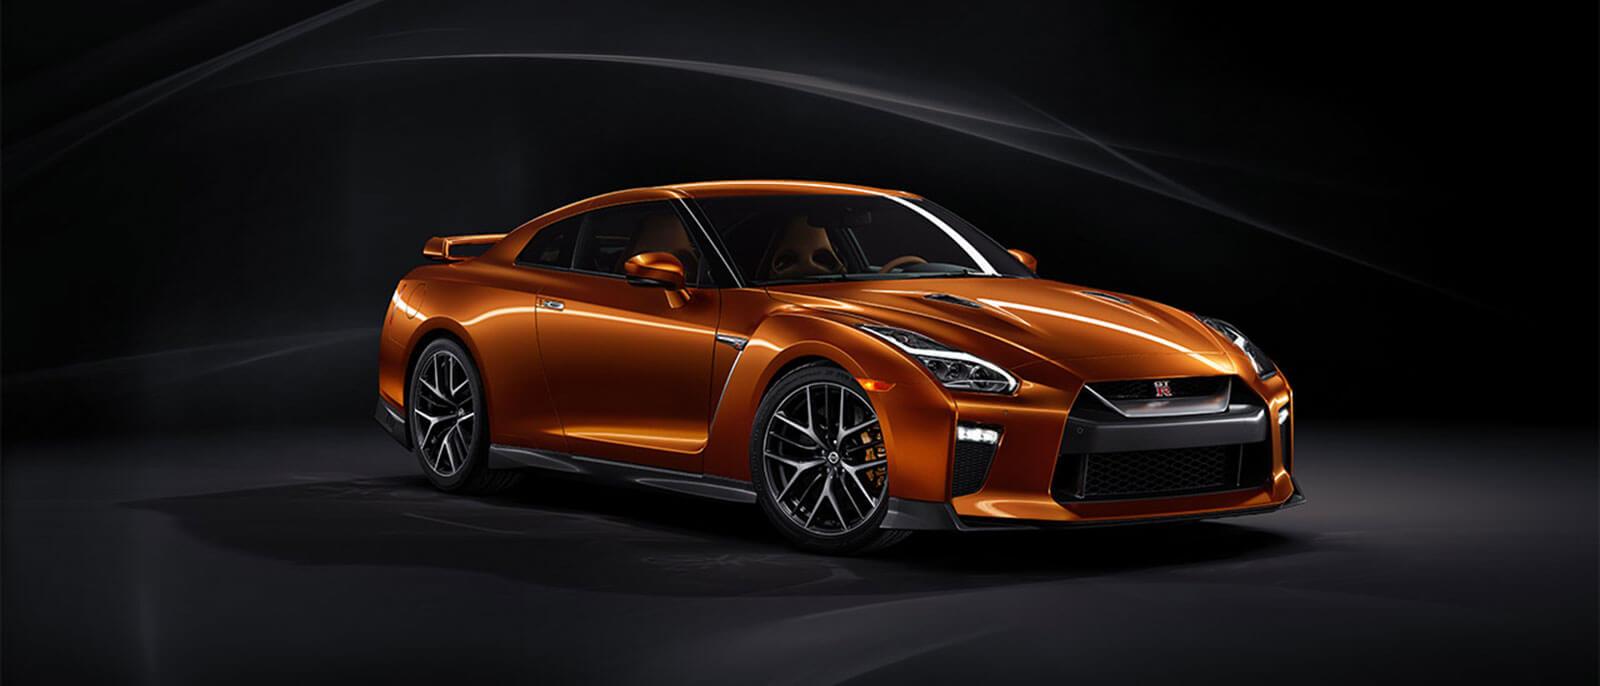 2017 Nissan GT-R orange